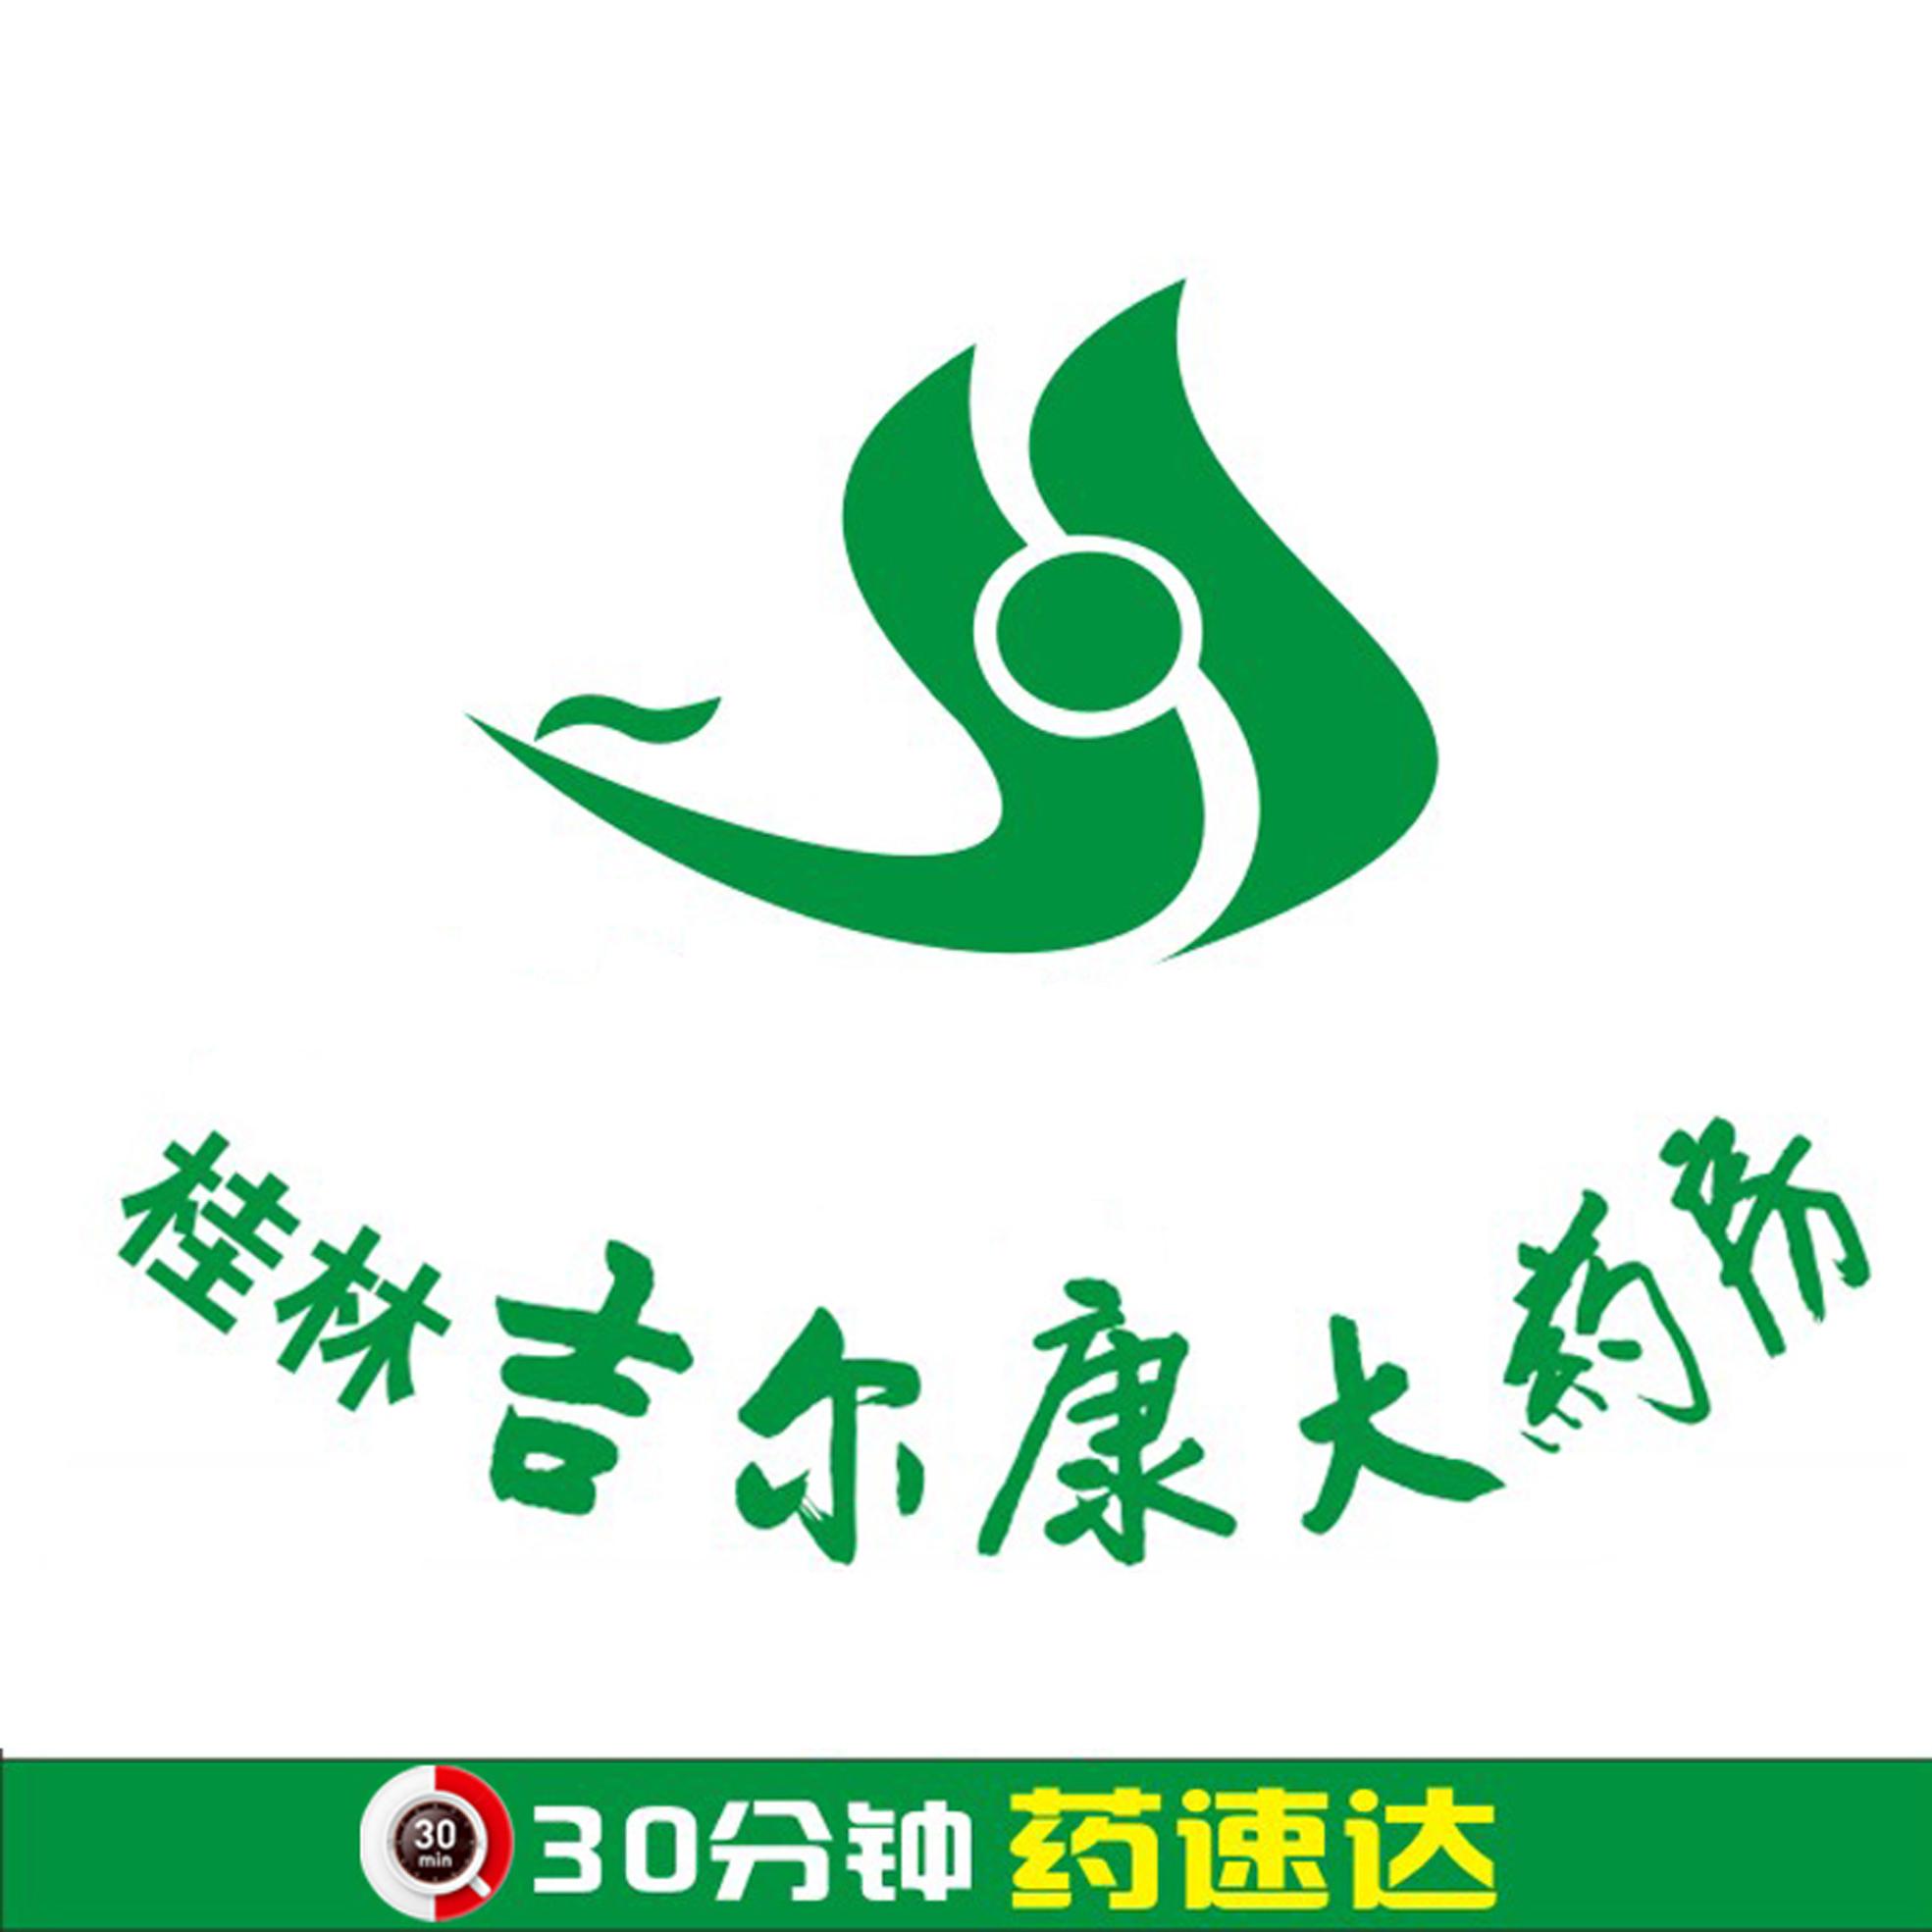 桂林吉尔康大药房有限责任公司招聘:公司标志 logo